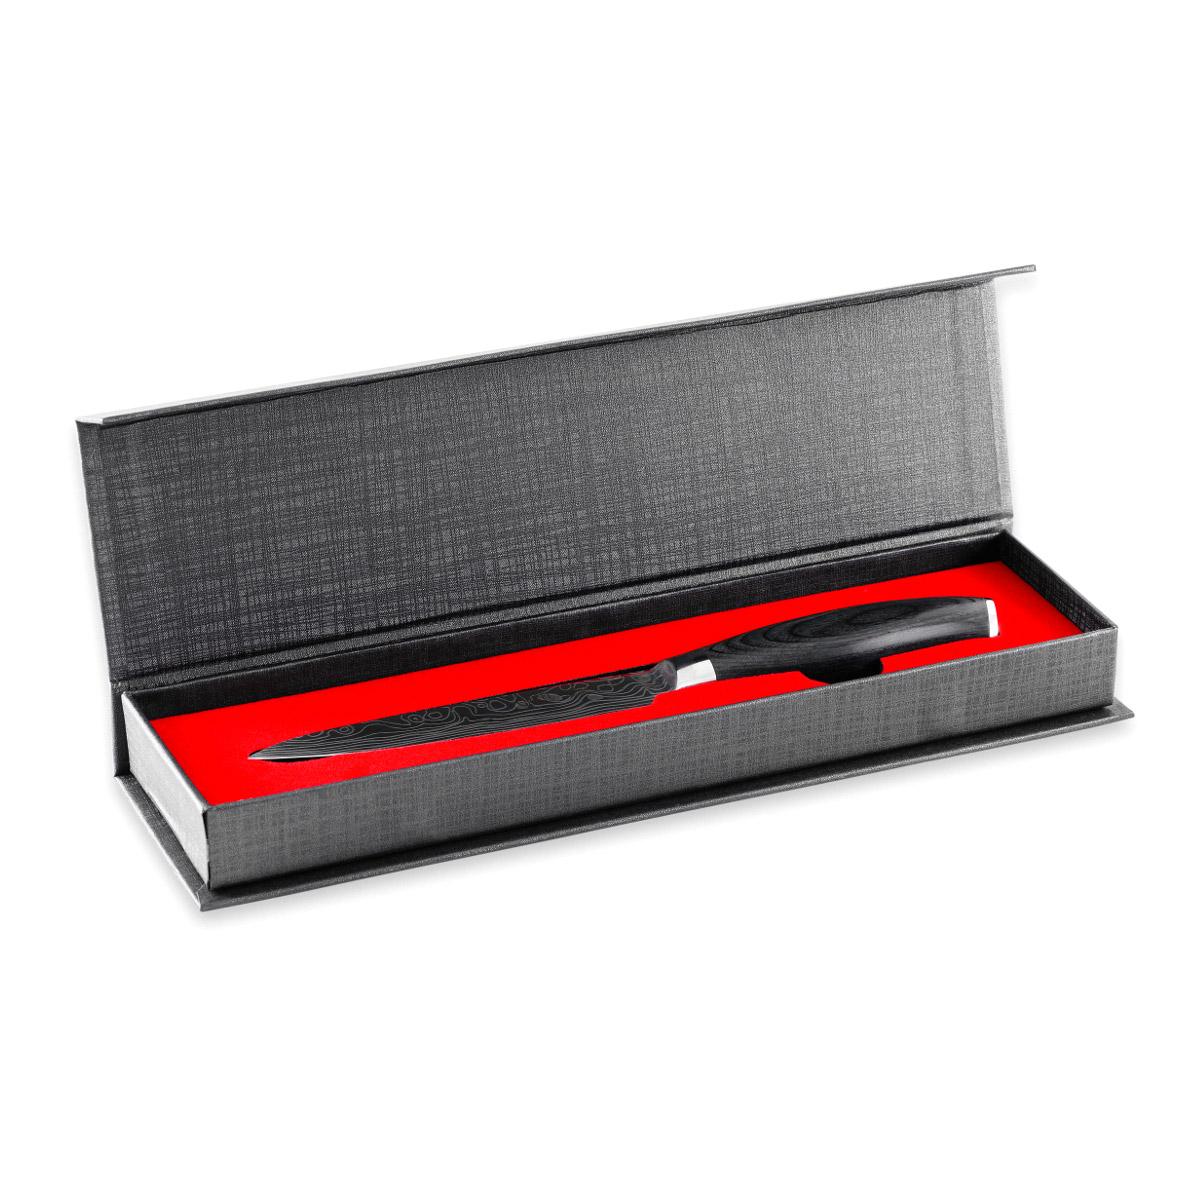 Универсальный Нож Gipfel Barocco 13 см нож для овощей gipfel barocco 9 см